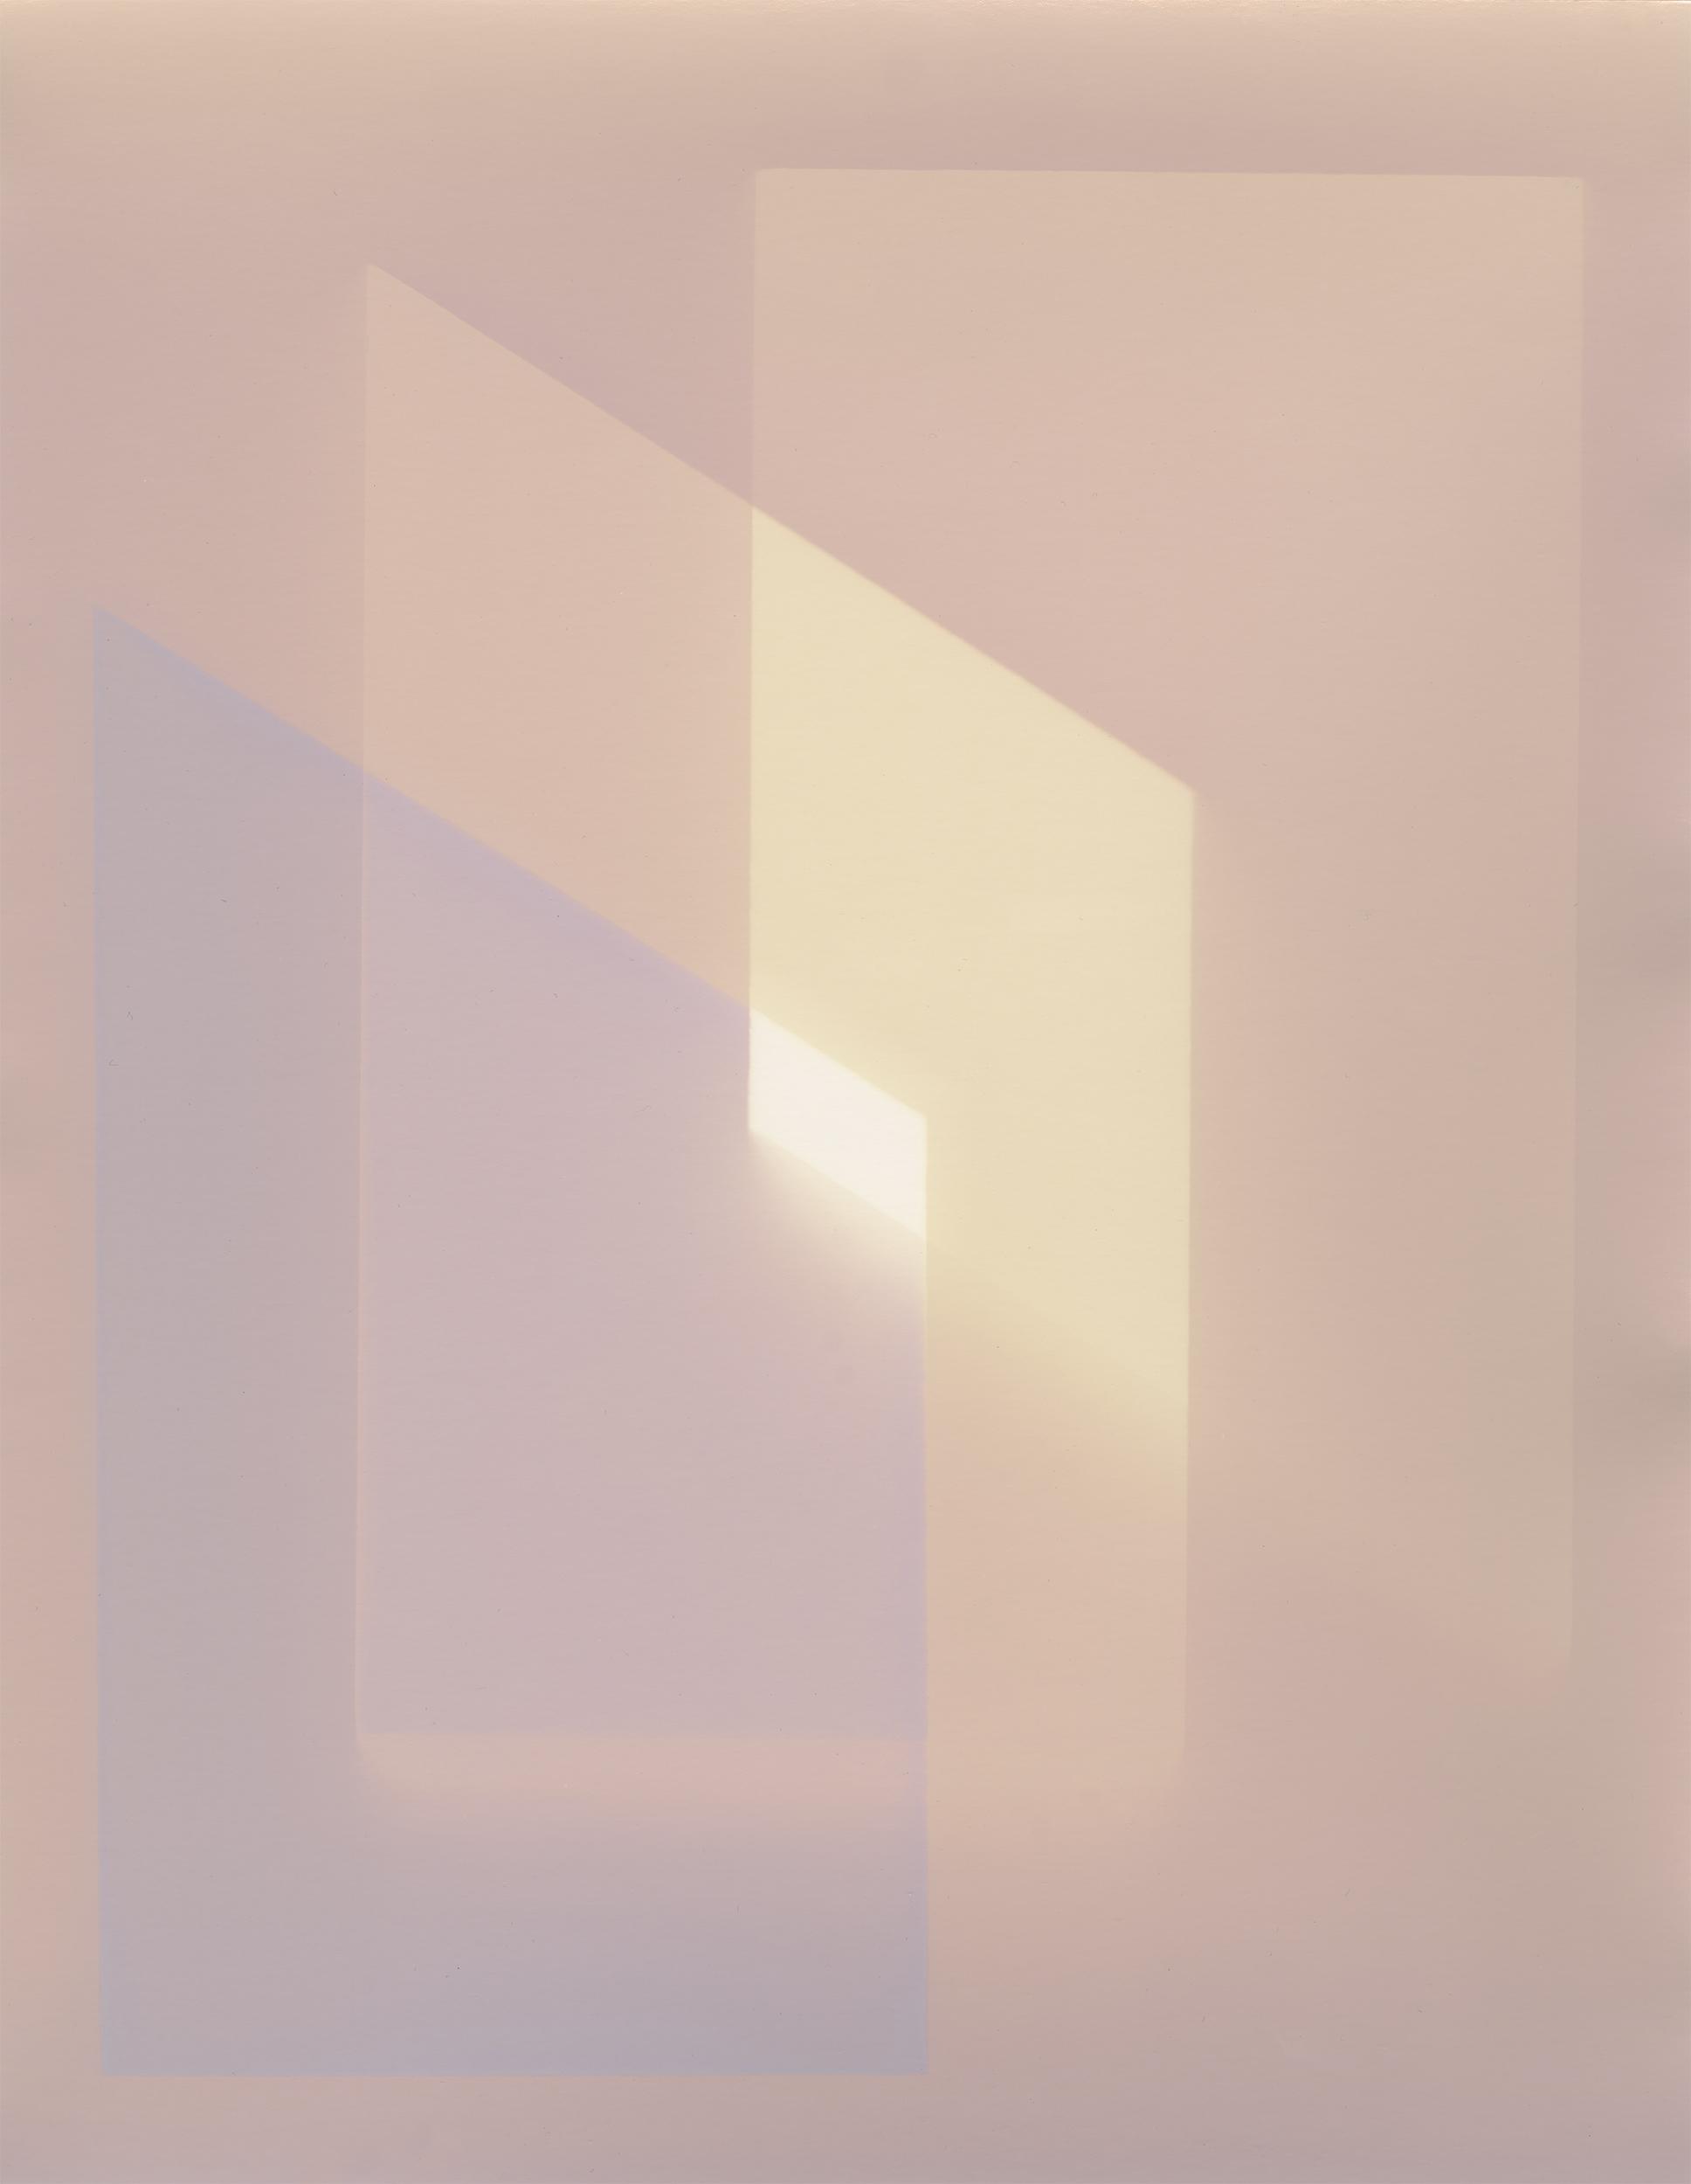 Image © Rachelle Bussières.  Le Temps qui Change , 2018. Lumen print on gelatin silver paper, 14 x 11 inches, Lumen print on gelatin silver paper, unique. Courtesy of the artist.